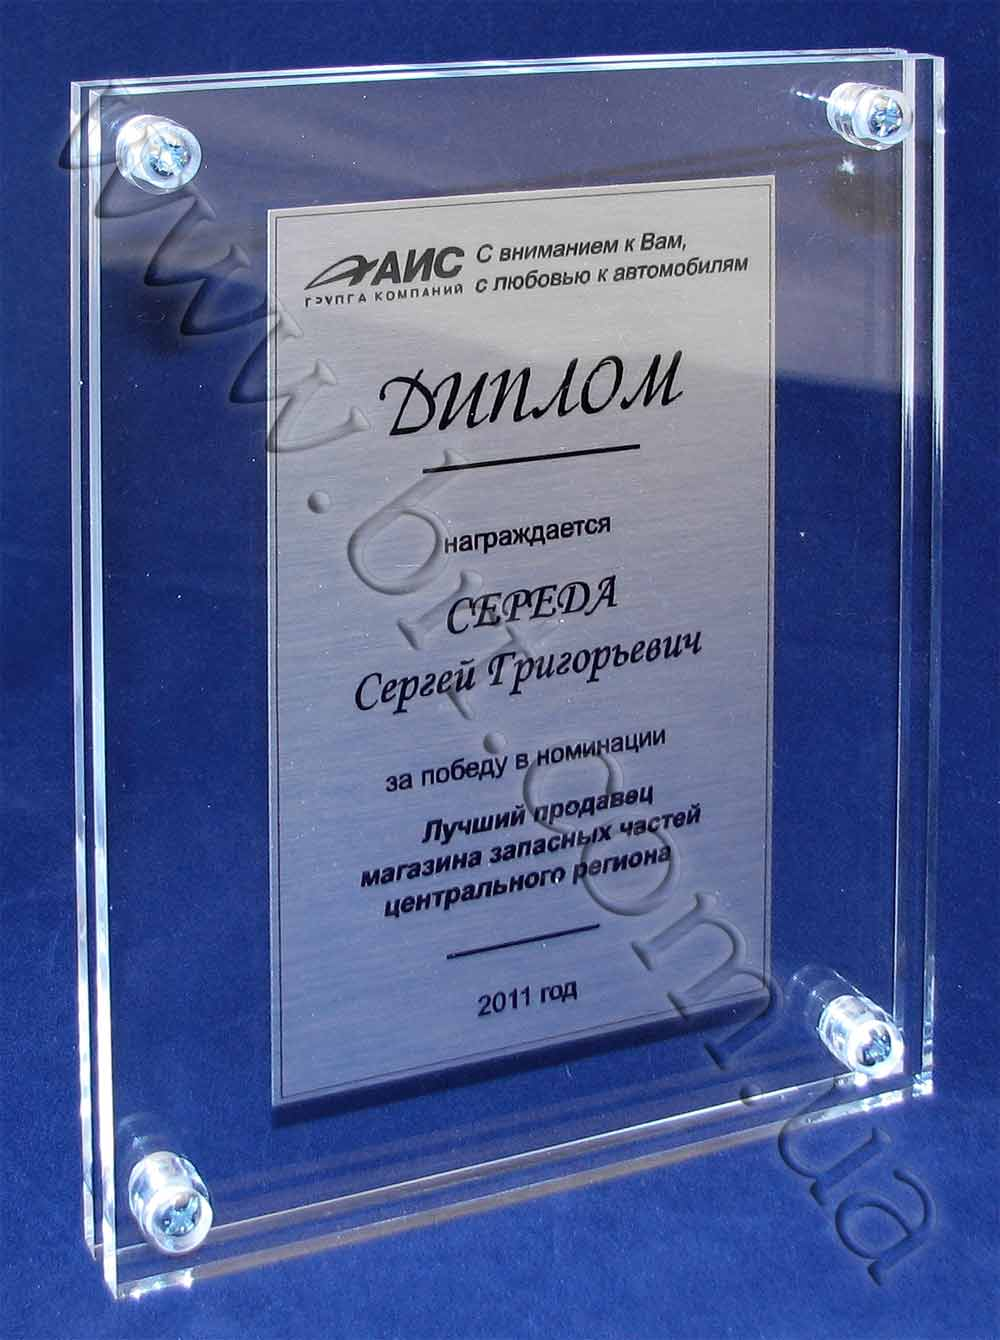 Оригинальные настольные дипломы Бюро рекламных технологий диплом из металла и акрила